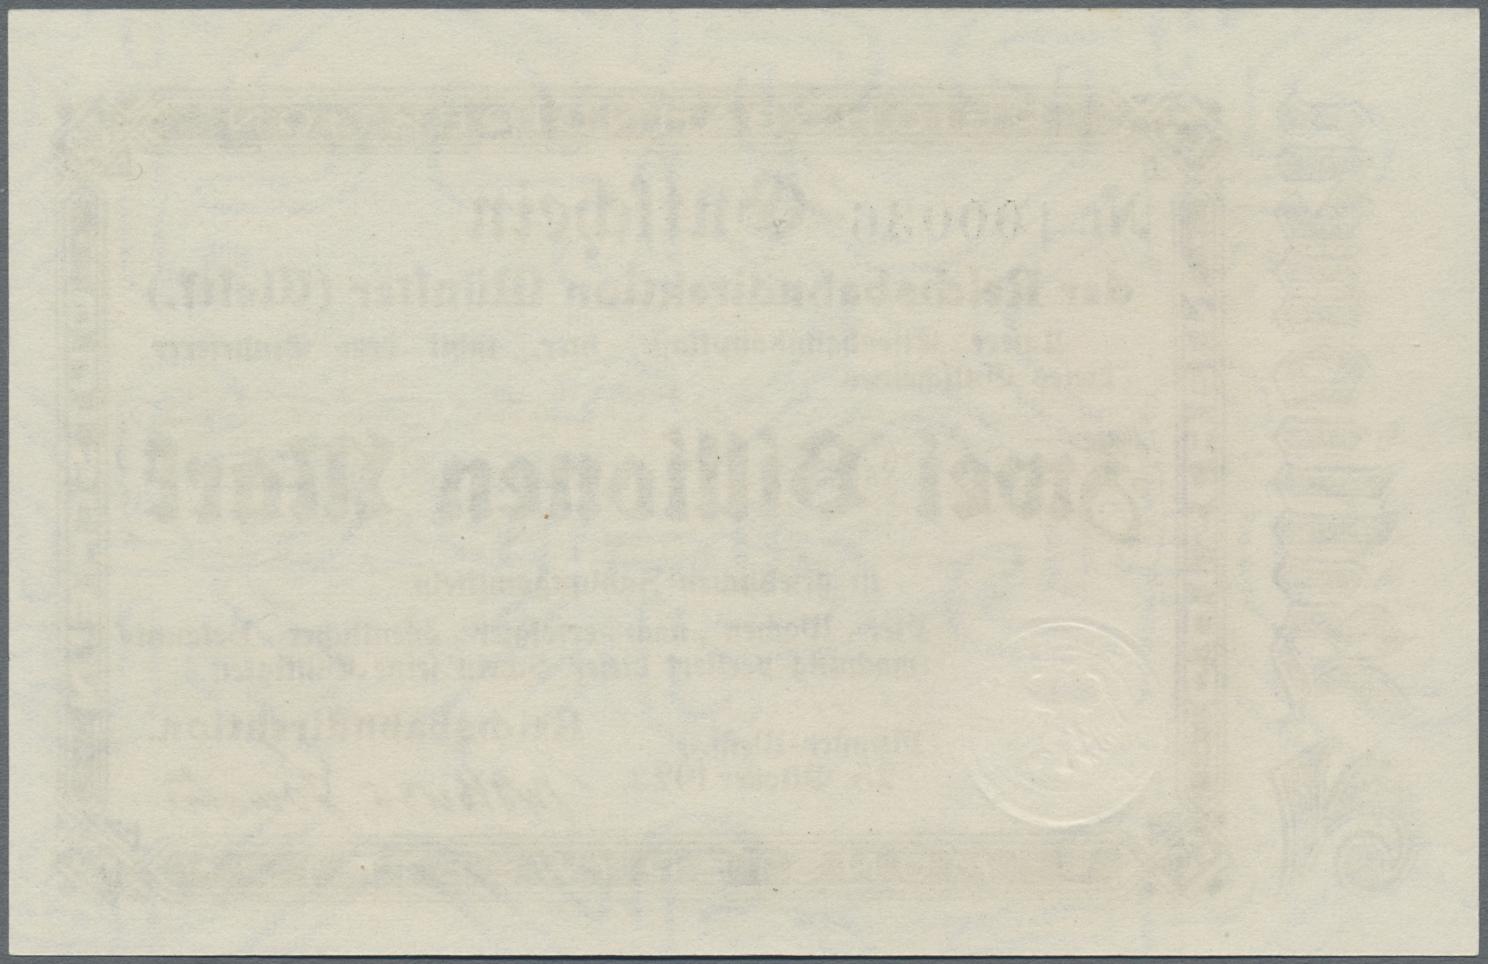 Lot 01416 - Deutschland - Reichsbahn / Reichspost   Banknoten  -  Auktionshaus Christoph Gärtner GmbH & Co. KG Sale #48 The Banknotes